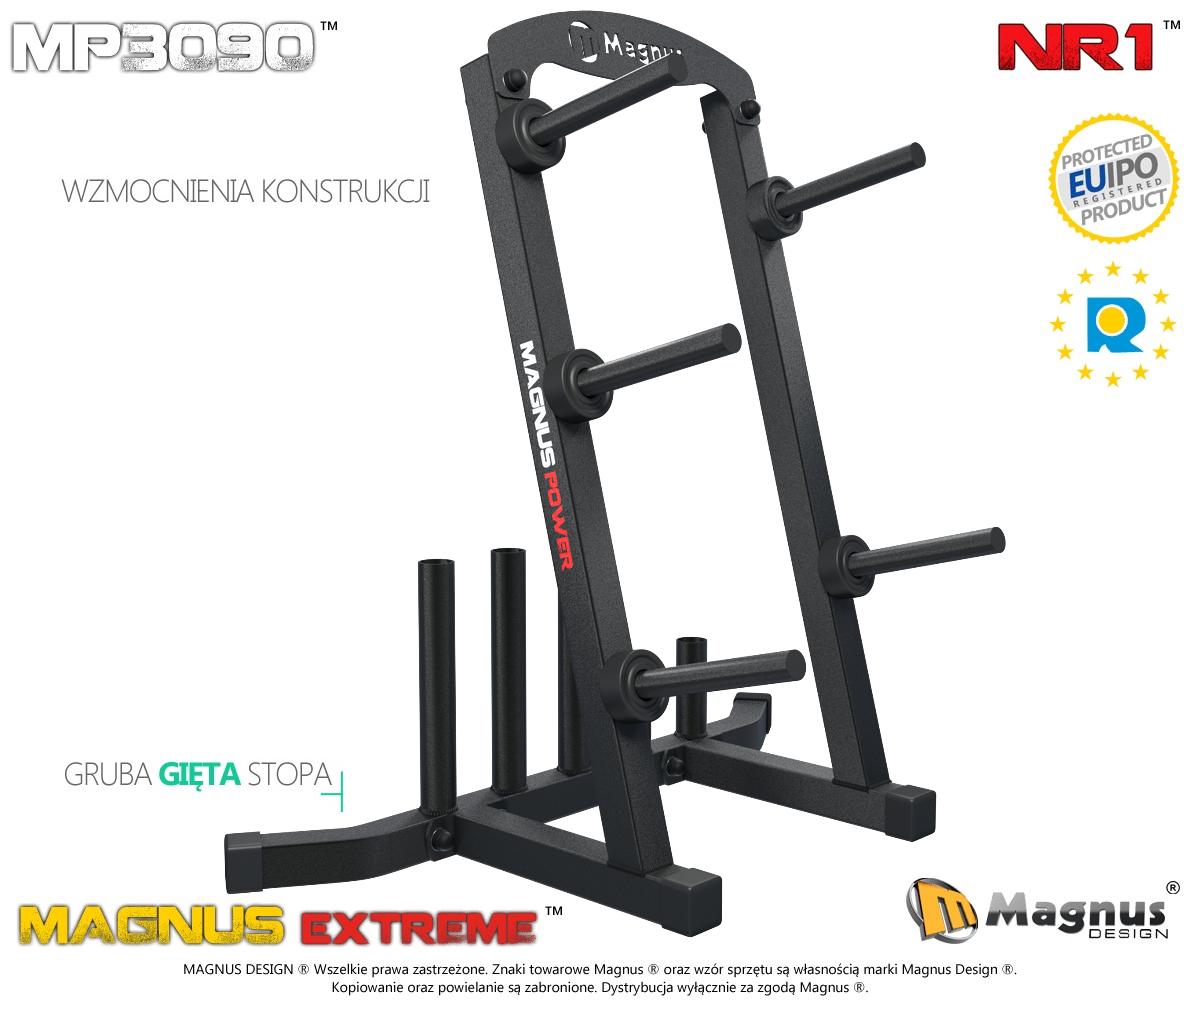 Wzmacniana konstrukcja zapewnia stabilność stojakom do siłowni